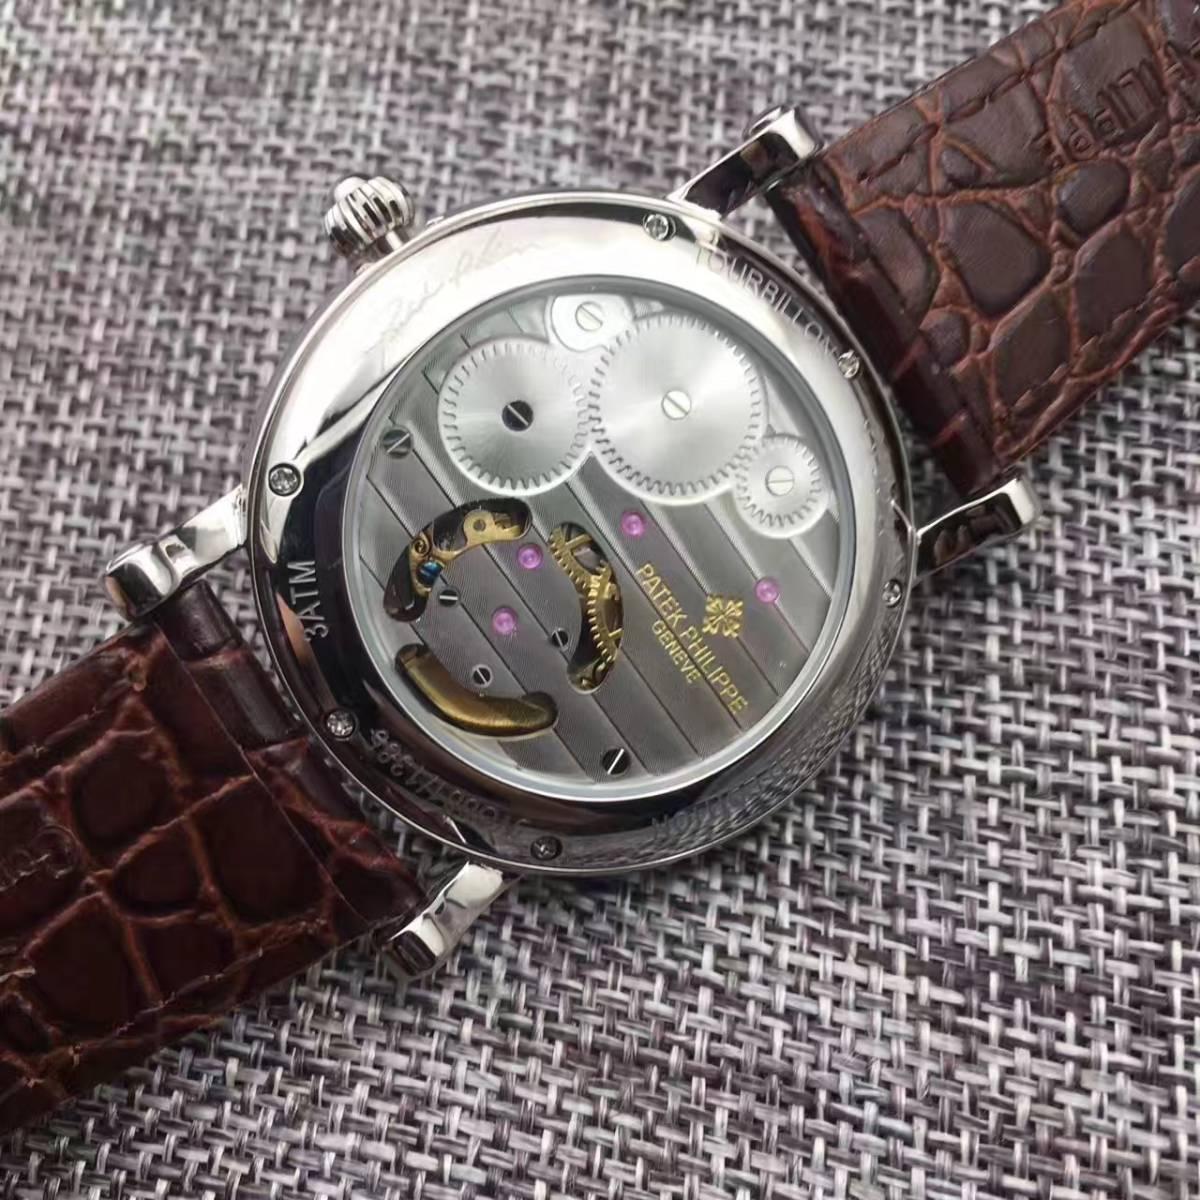 新品 パテックフィリップ Patek Philippe 腕時計 男性用 メンズ 自動巻き ステンレス_画像2